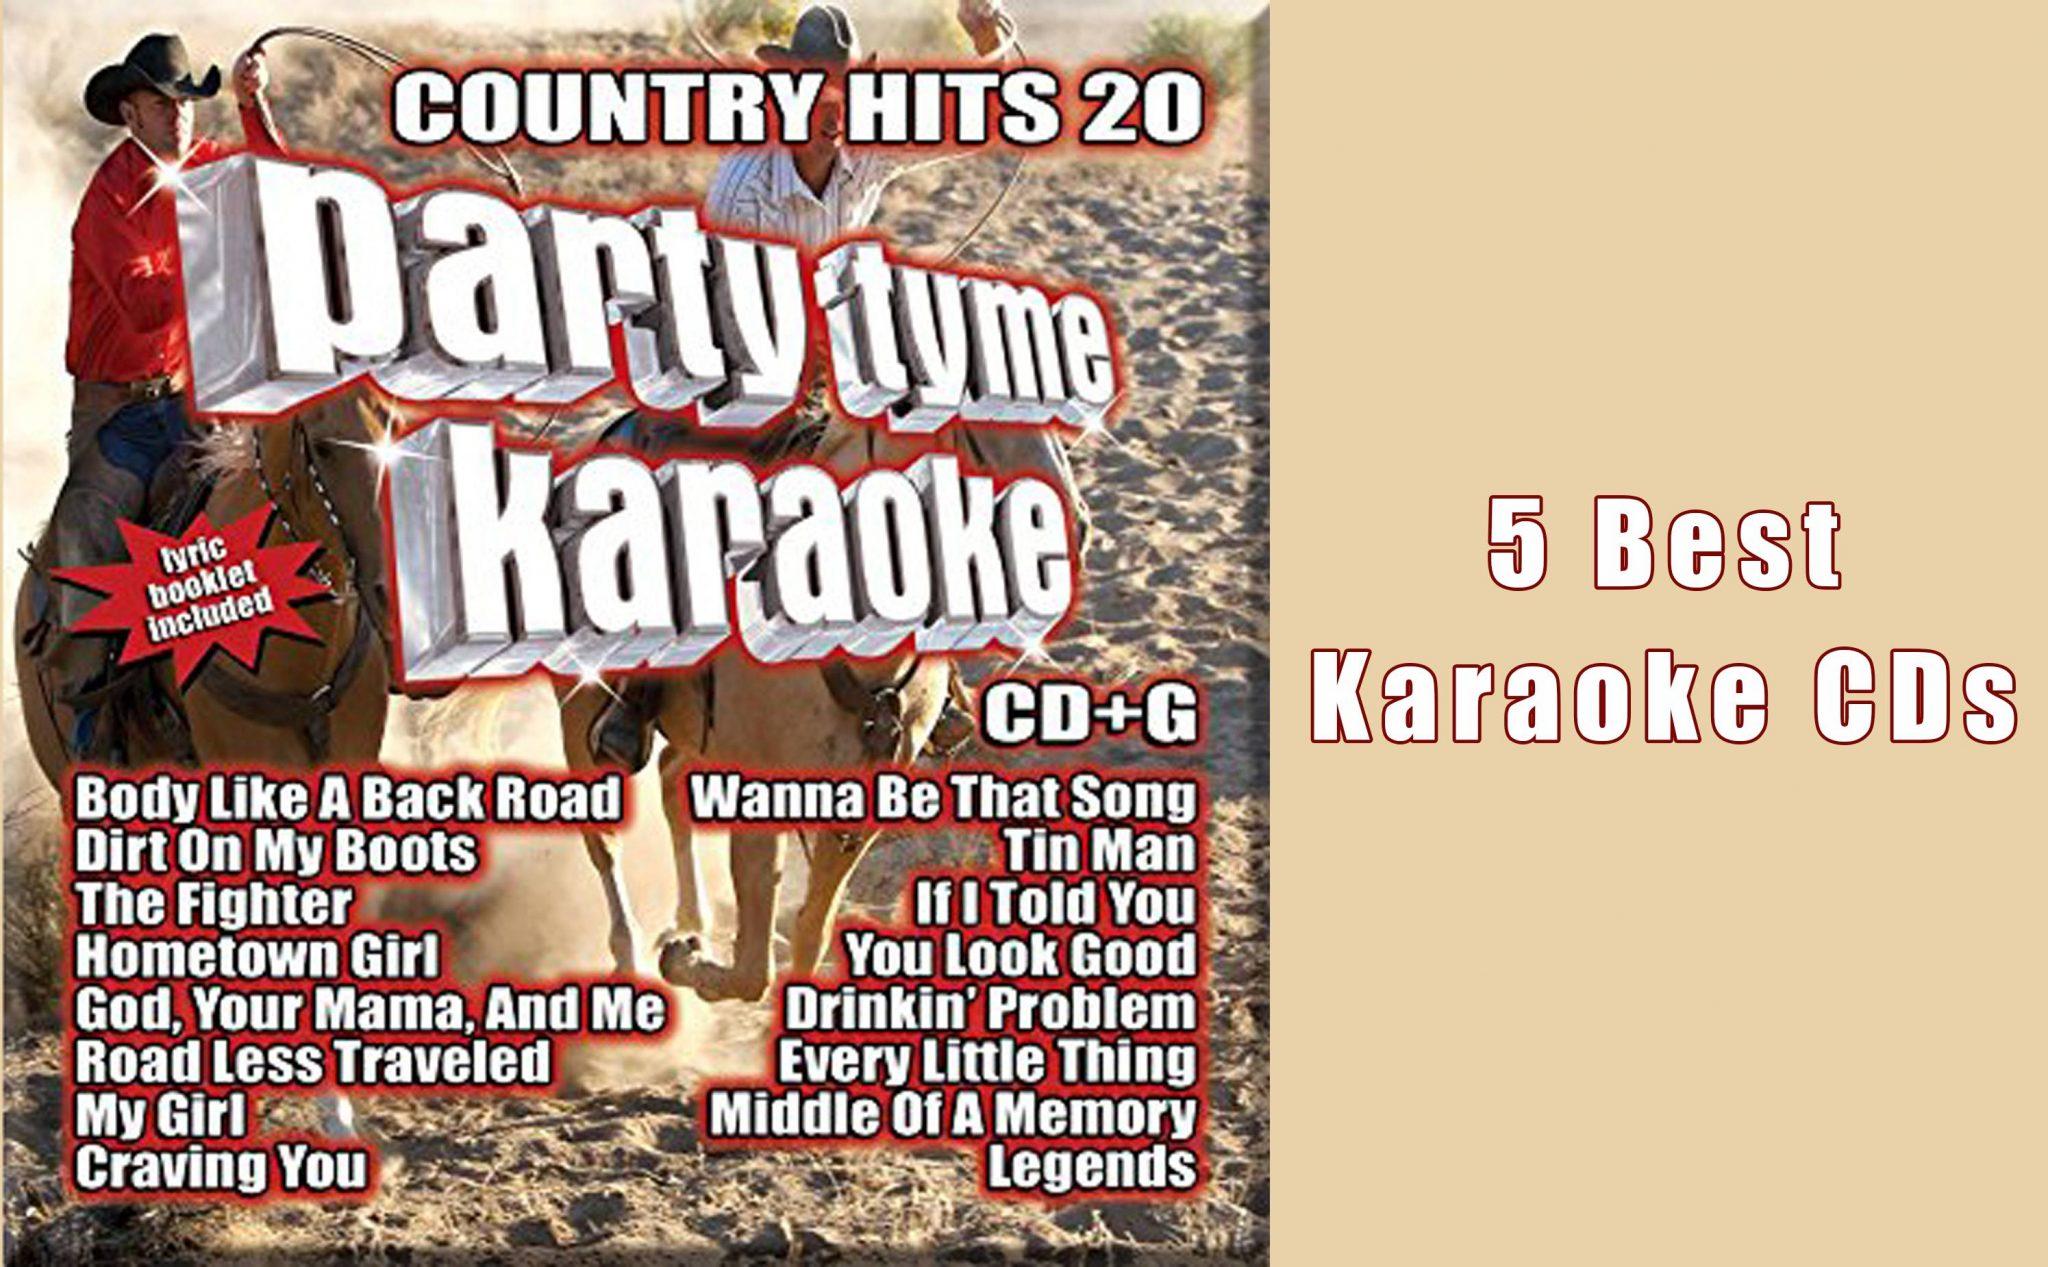 5 Best Karaoke CDs